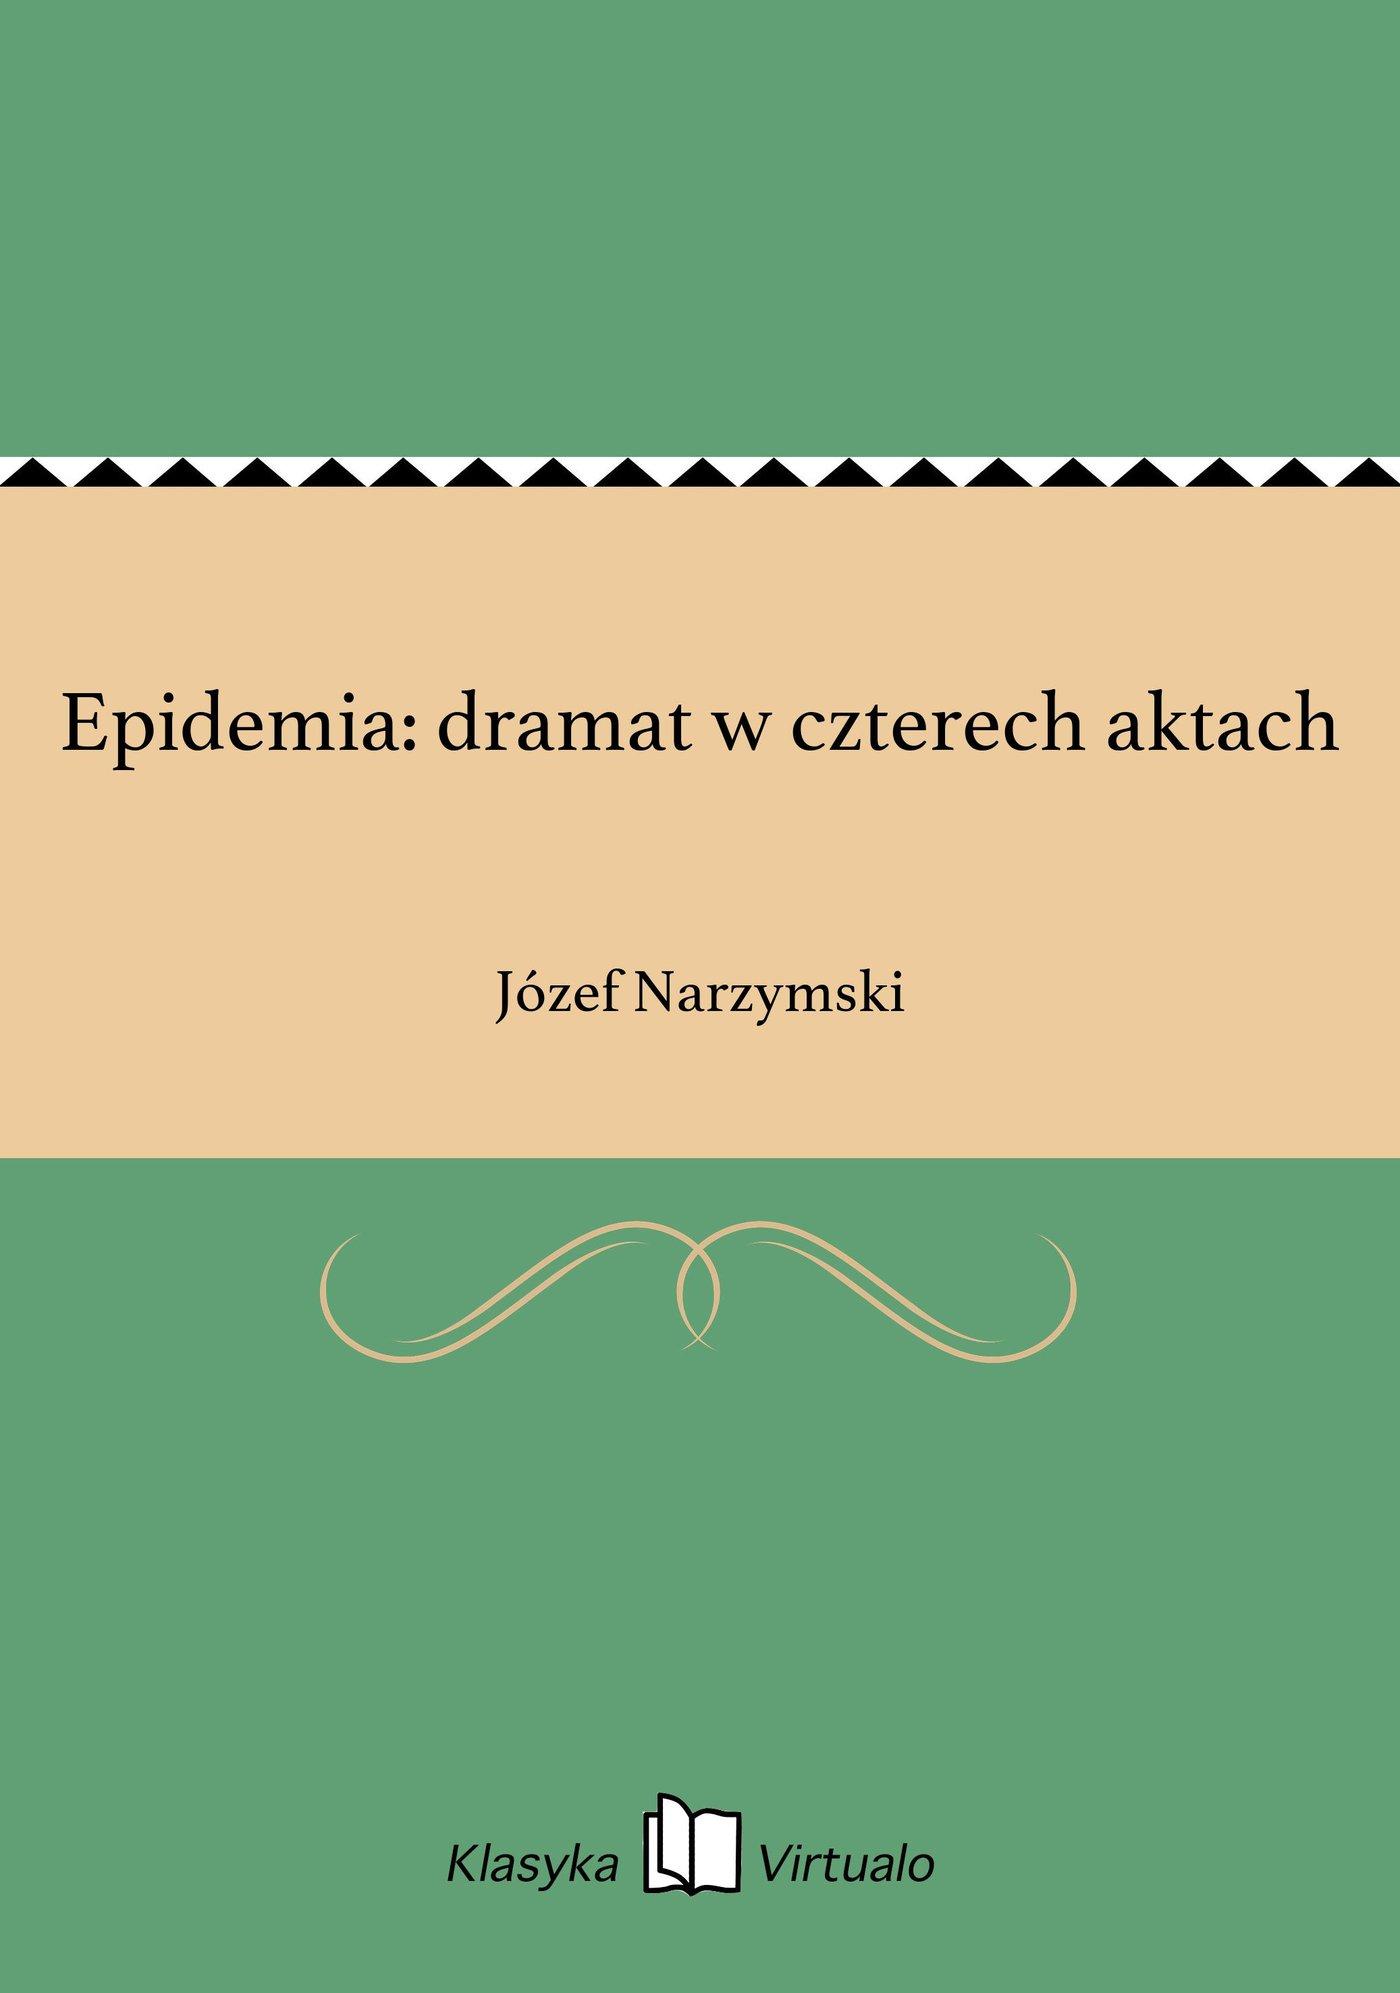 Epidemia: dramat w czterech aktach - Ebook (Książka EPUB) do pobrania w formacie EPUB